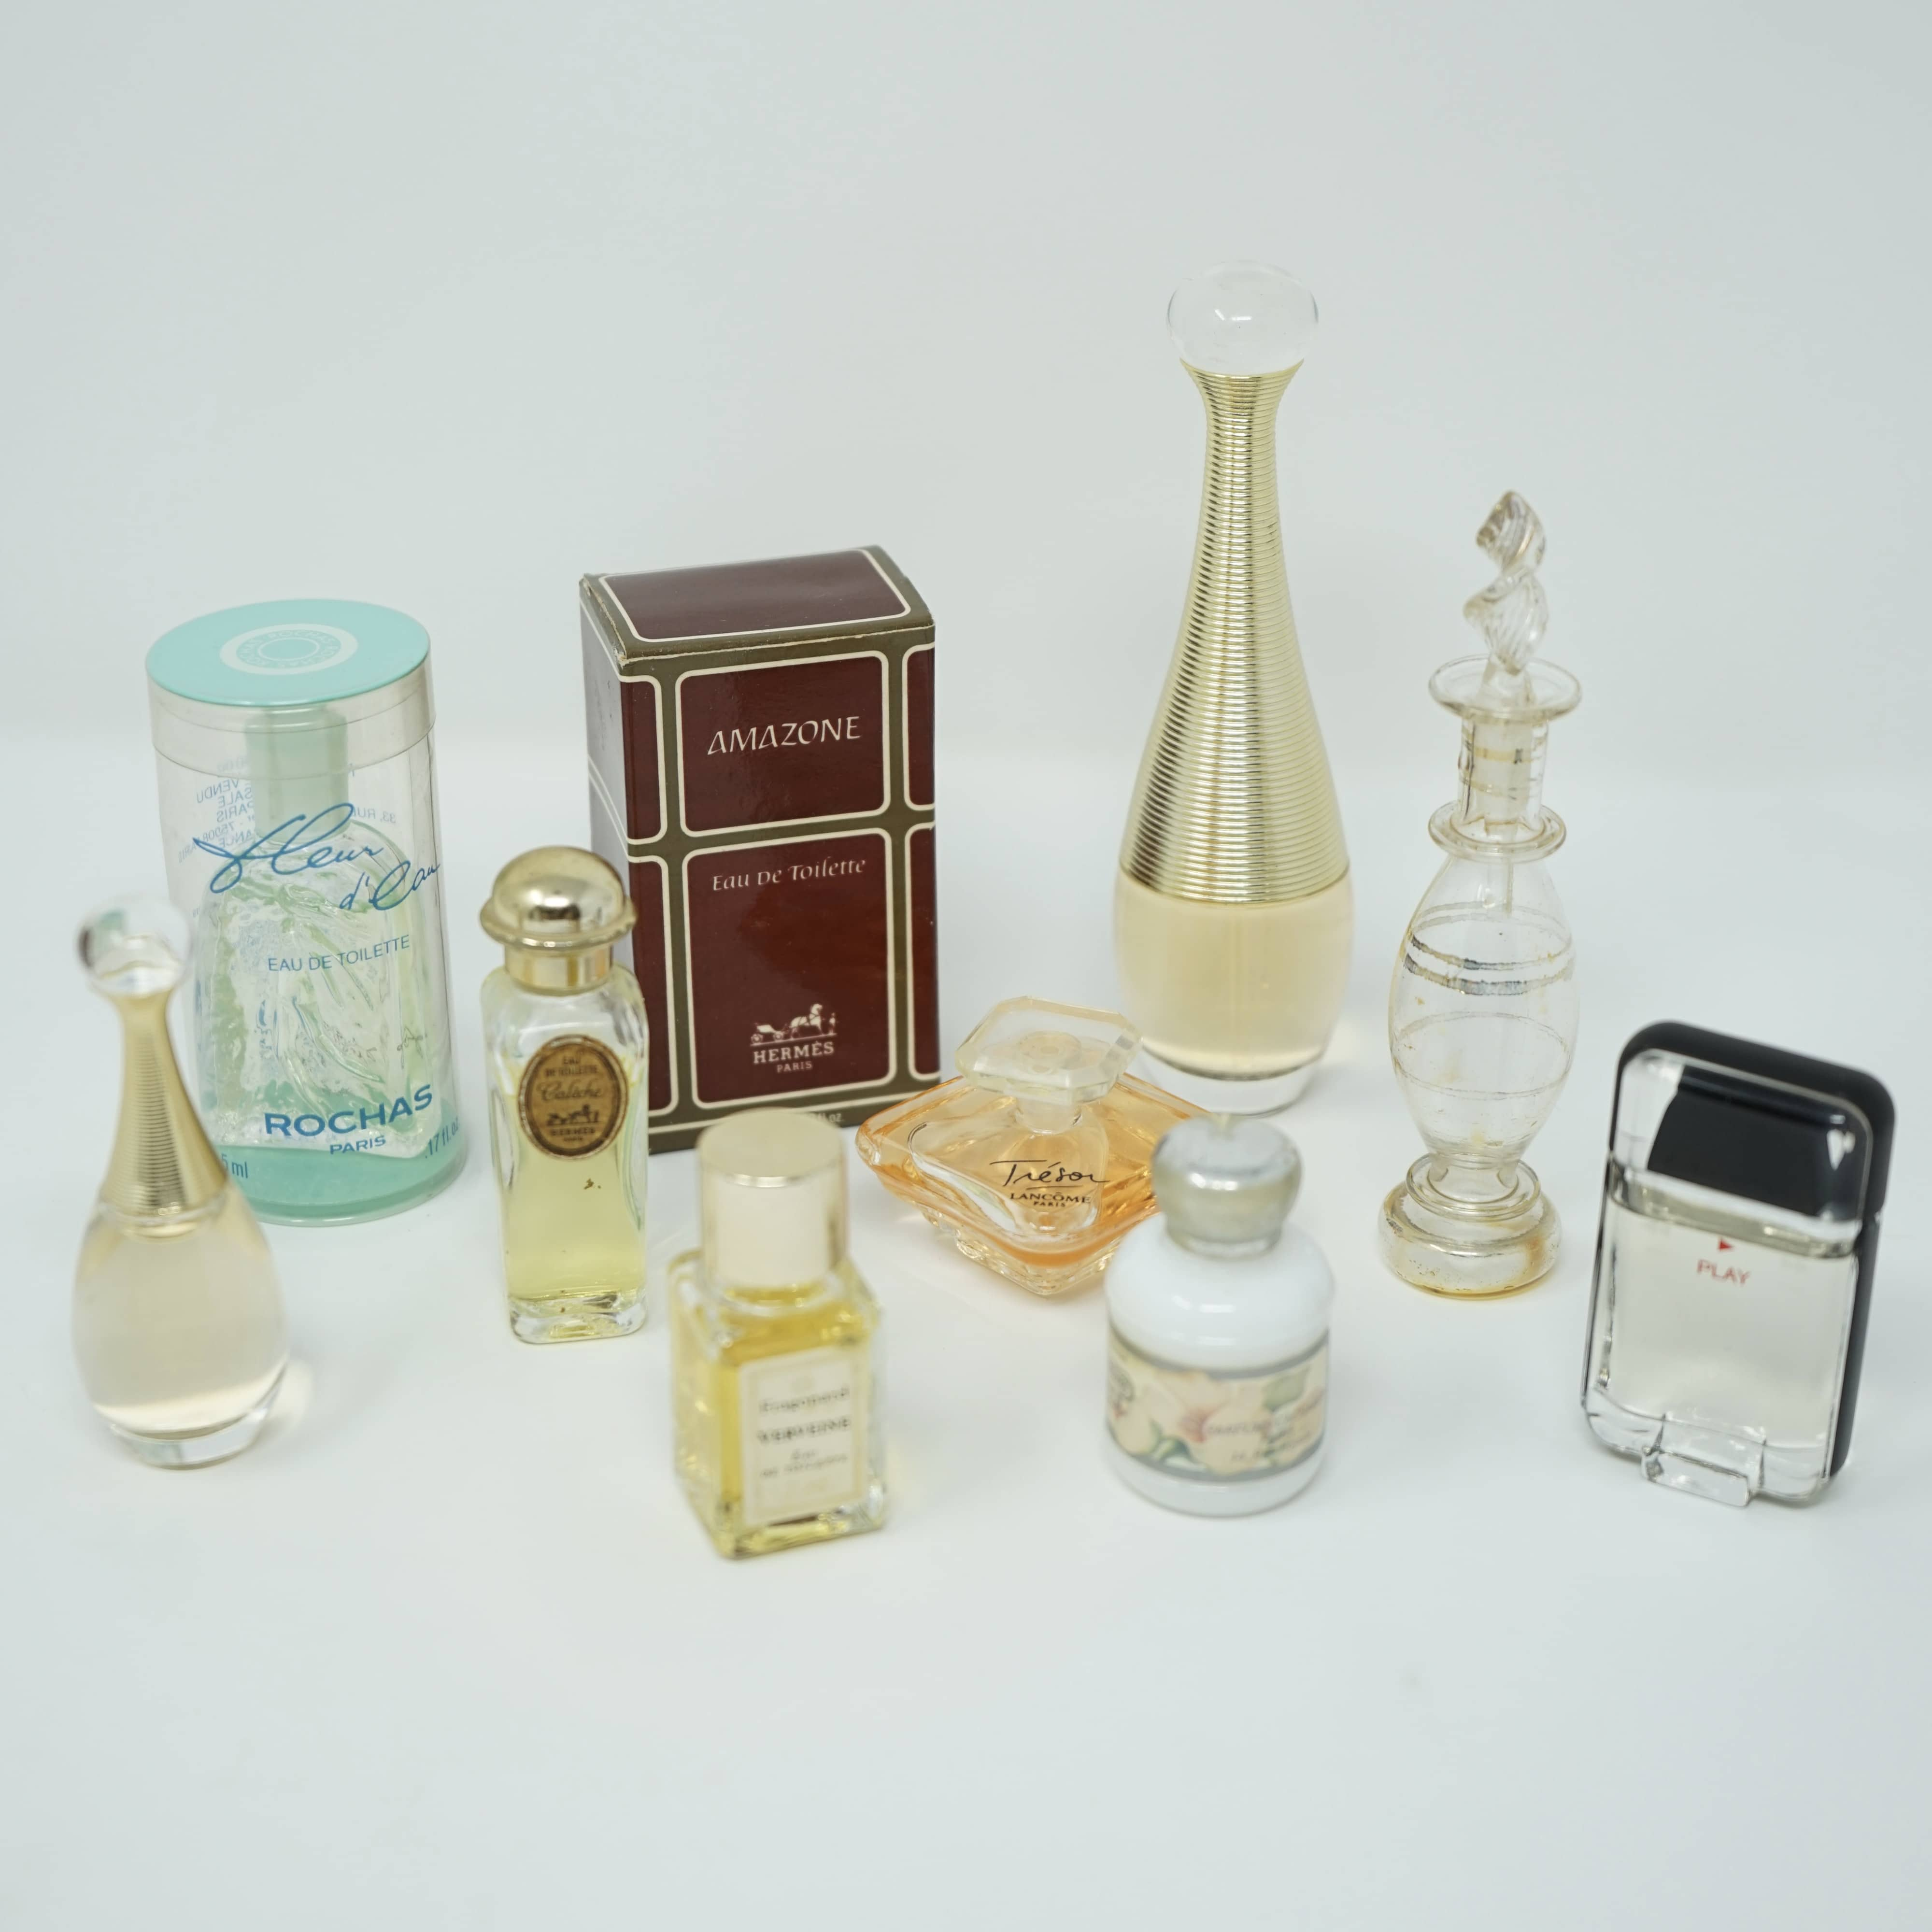 Lot Échantillons Flacons Parfum Fragrance Vintage et Anciens Hermès Guerlain Rochas Lancôme